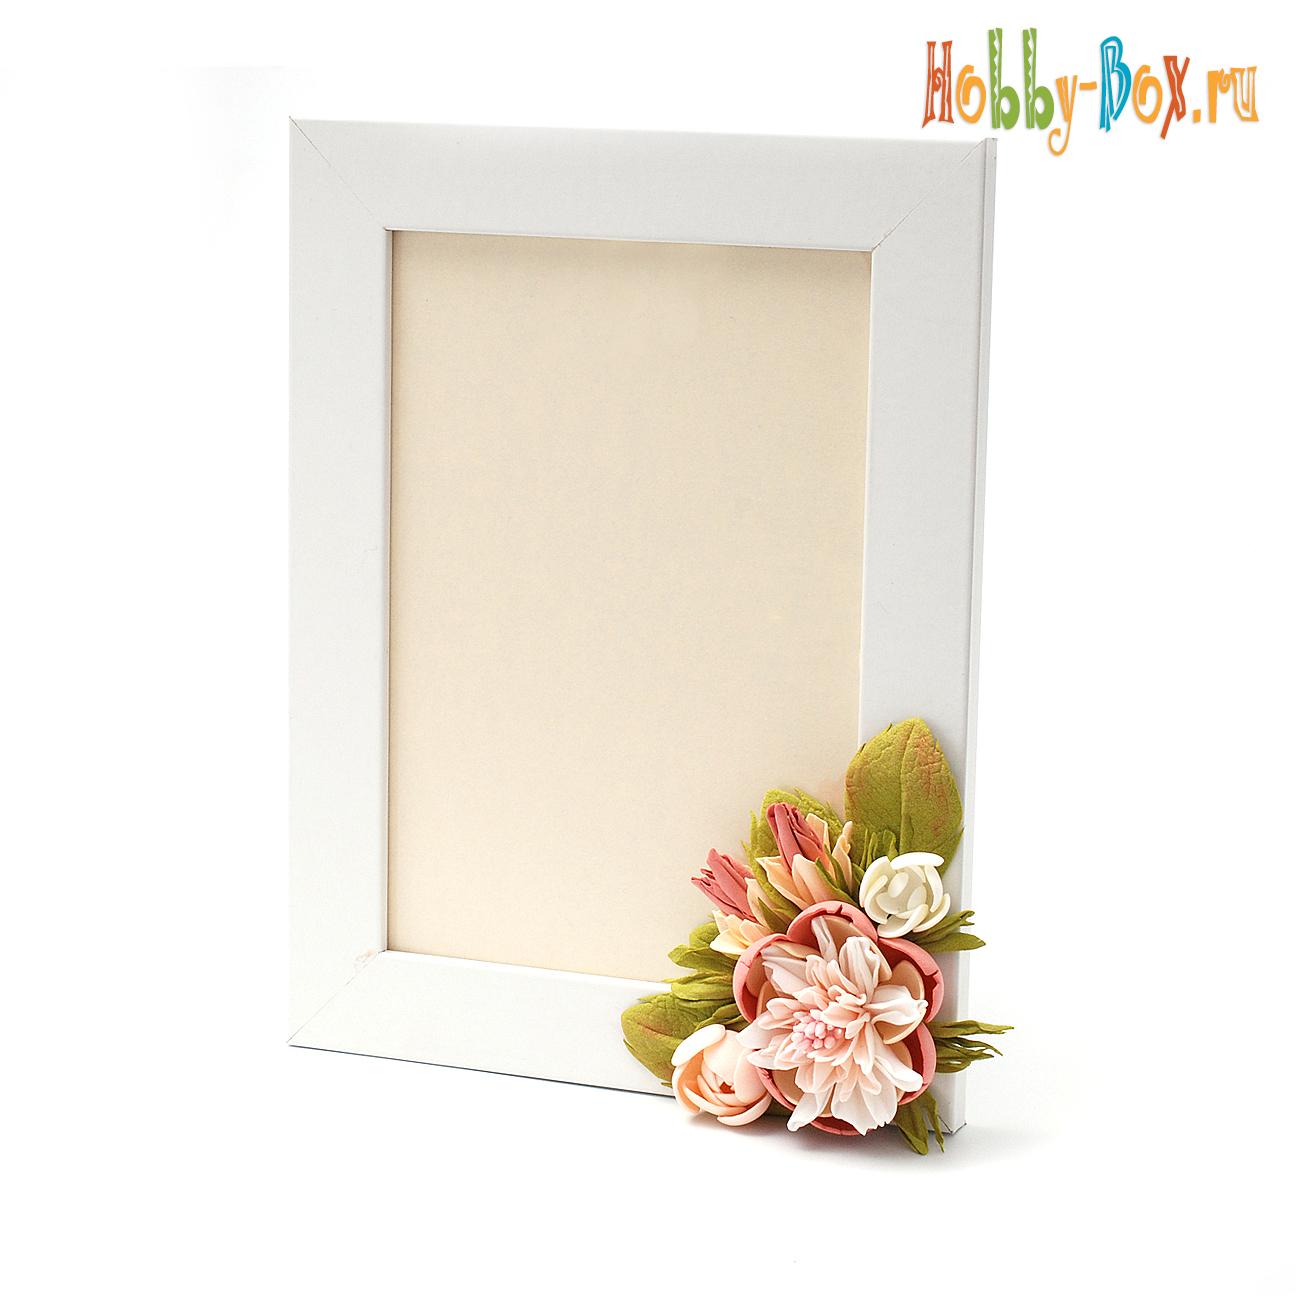 Рамка для фотографий с украшением из фоамирана